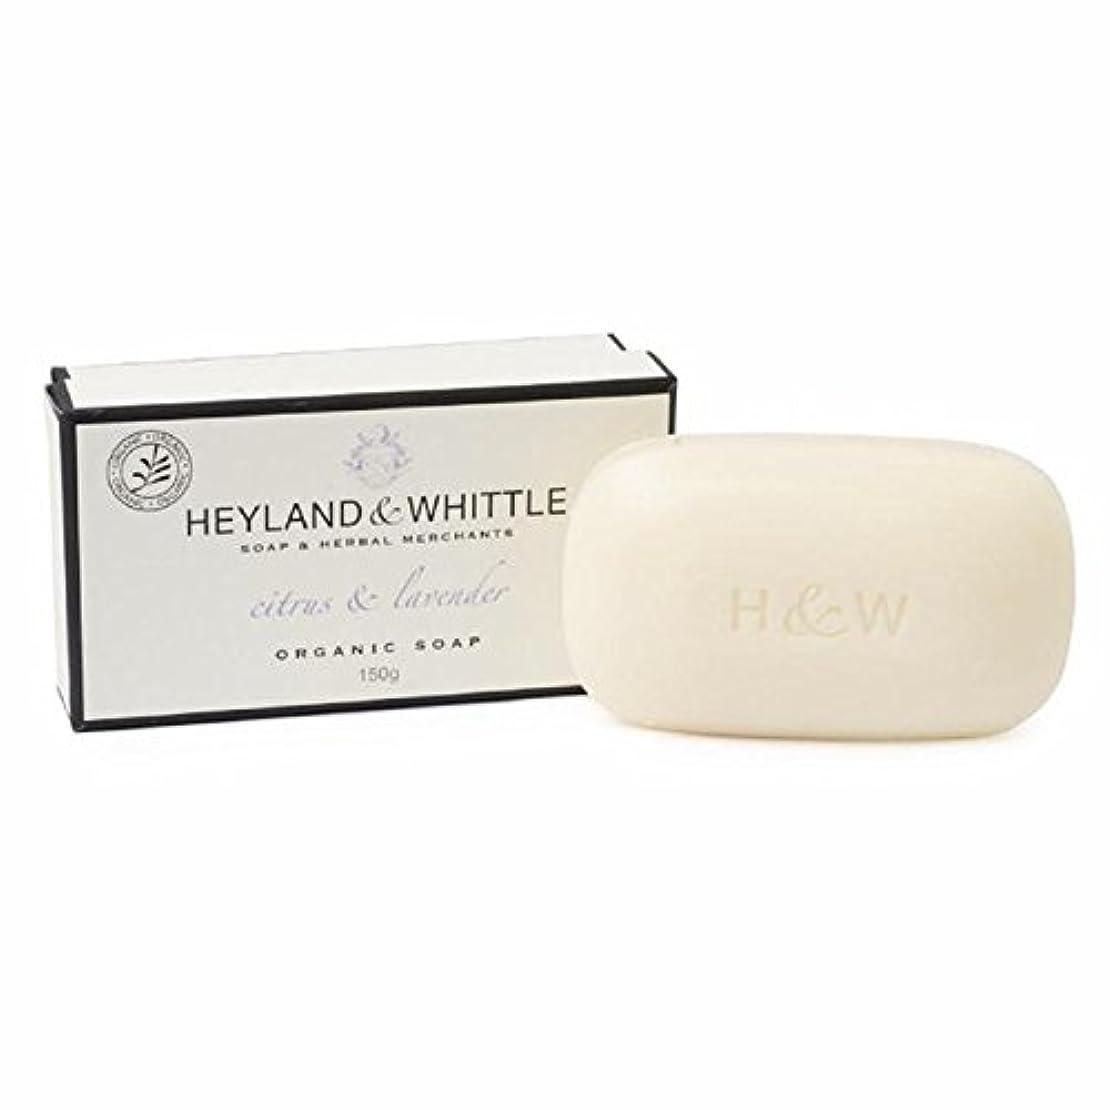 中性離すタオルHeyland & Whittle Citrus & Lavender Boxed Organic Soap 150g (Pack of 6) - &削るシトラス&ラベンダーは、有機石鹸150グラム箱入り x6 [並行輸入品]